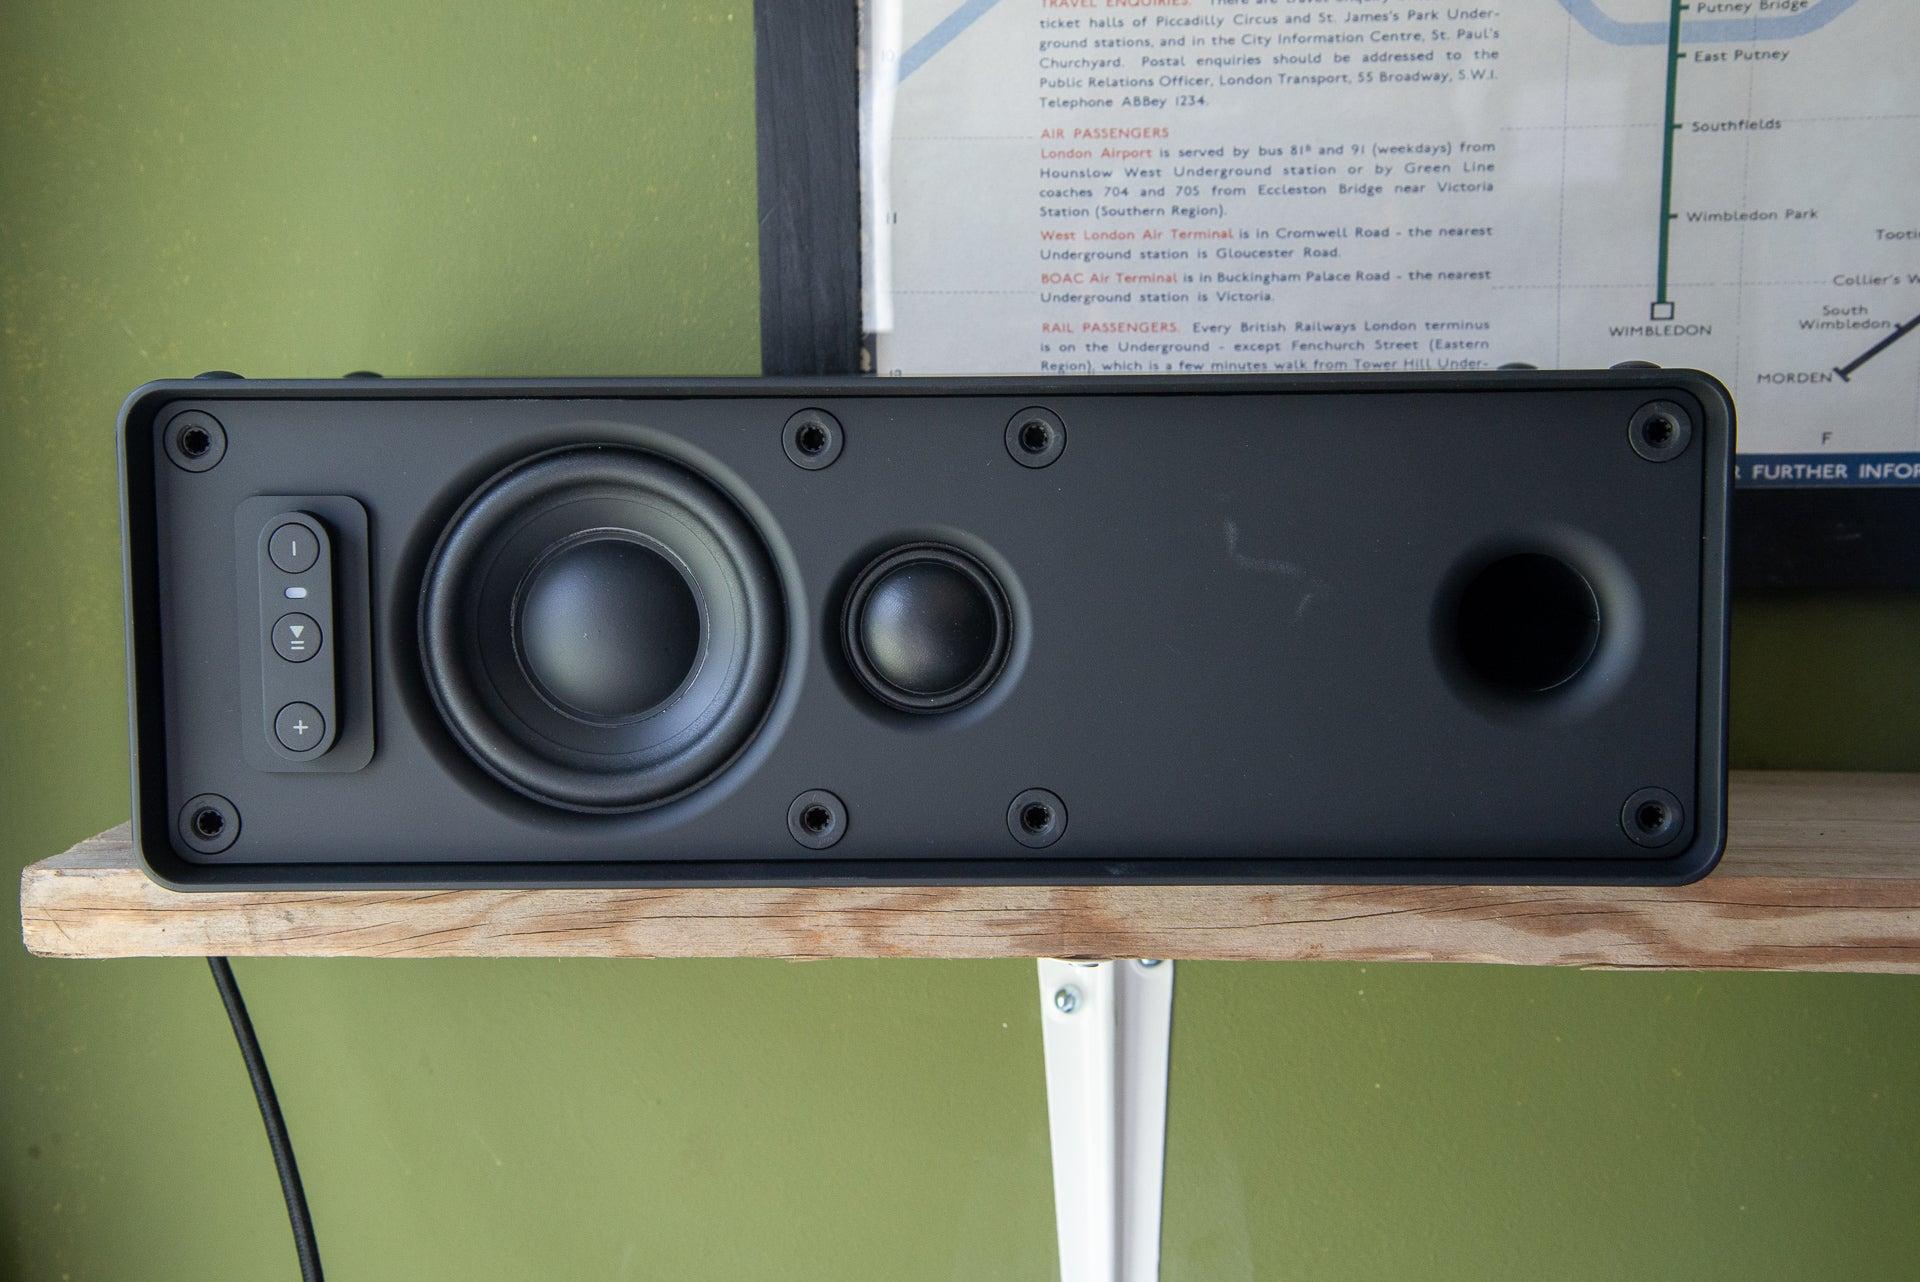 Ikea Symfonisk Bookshelf Speaker inside